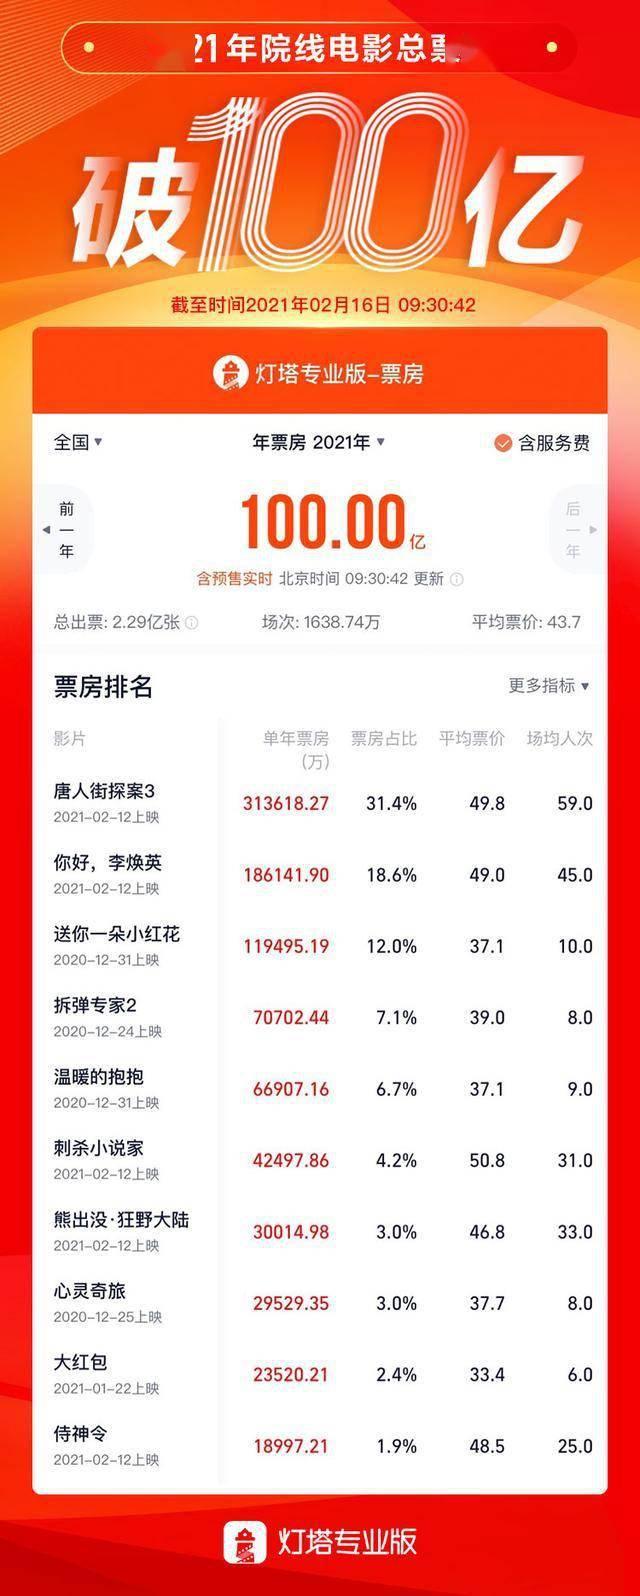 2021年中国电影总票房破百亿